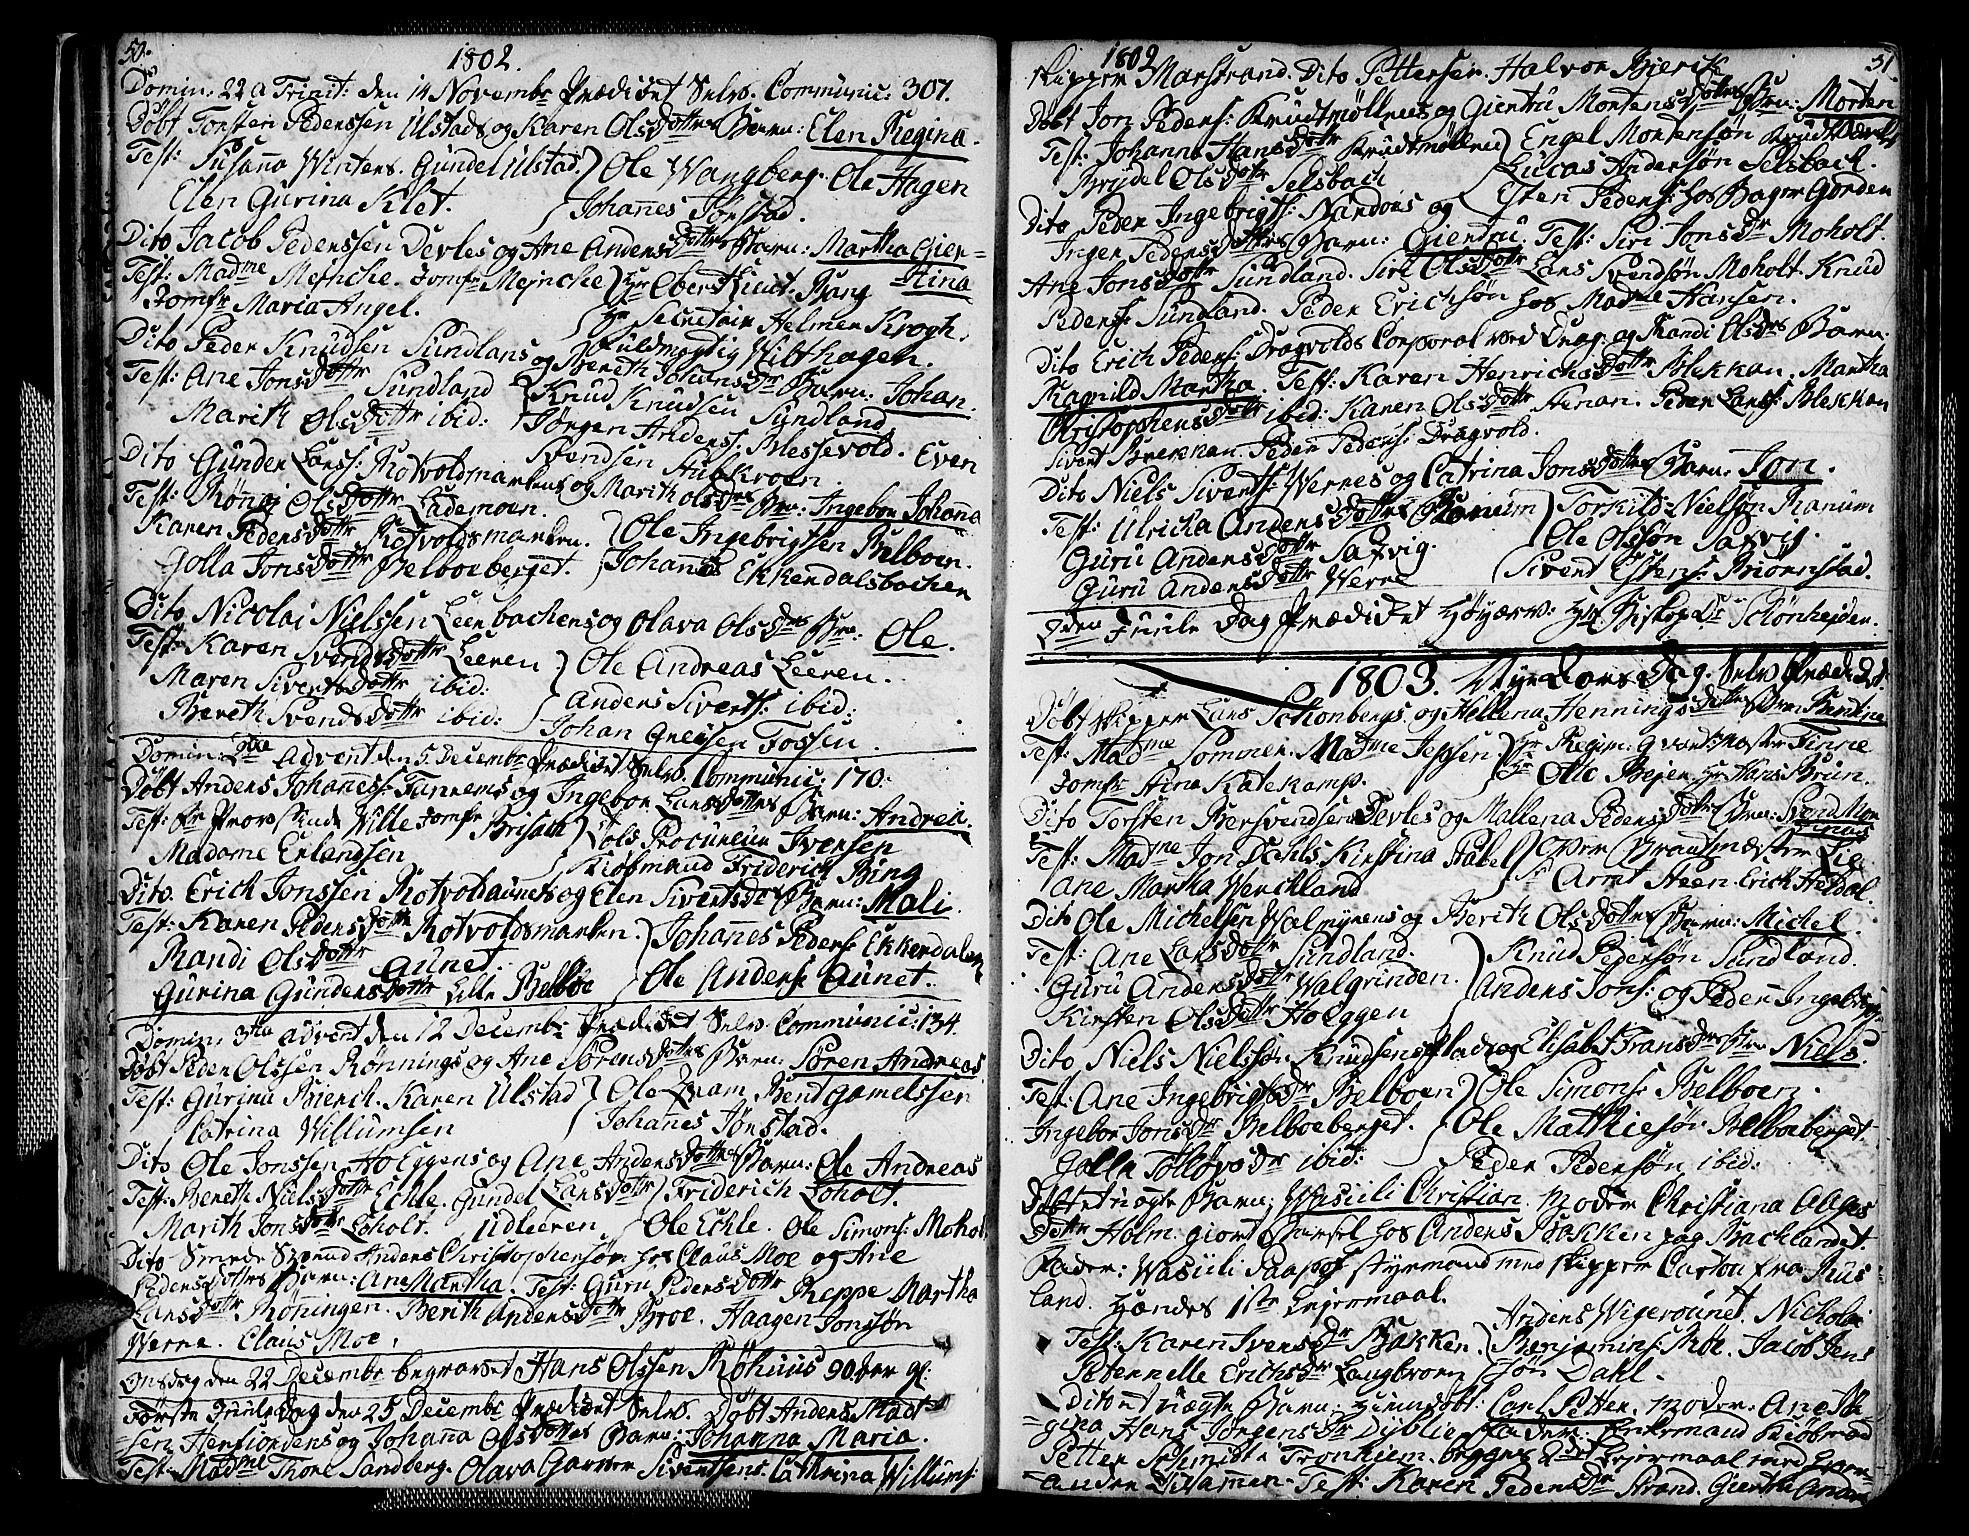 SAT, Ministerialprotokoller, klokkerbøker og fødselsregistre - Sør-Trøndelag, 604/L0181: Ministerialbok nr. 604A02, 1798-1817, s. 50-51